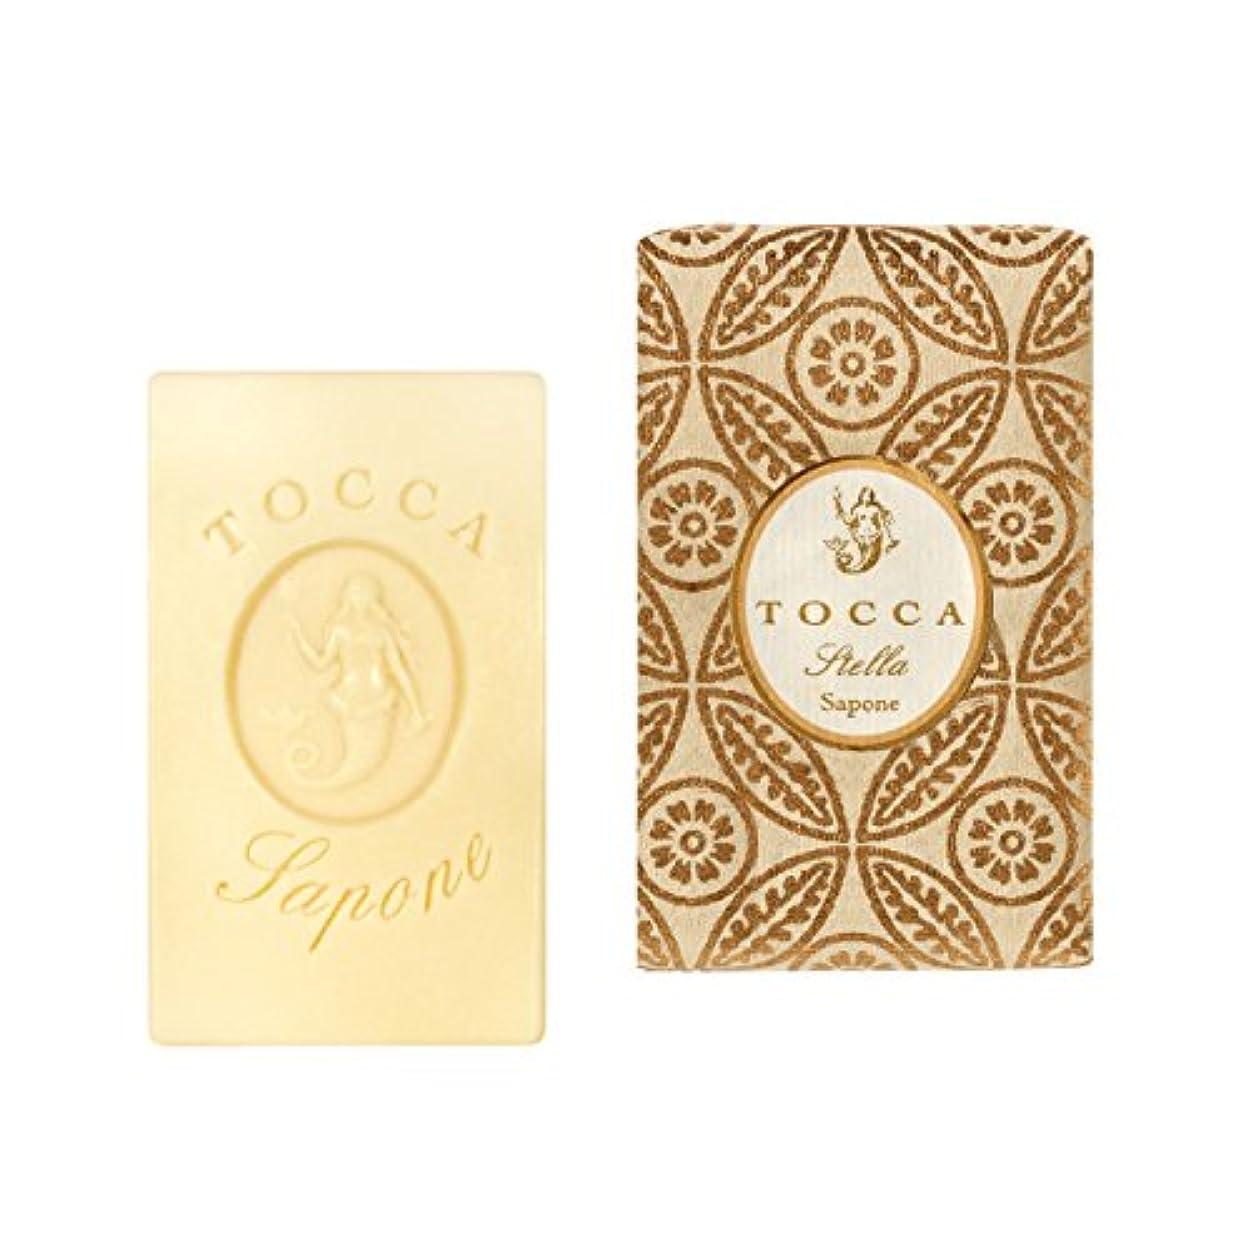 パラメータ覗くリテラシートッカ(TOCCA) ソープバー ステラの香り 113g(石けん 化粧石けん イタリアンブラッドオレンジが奏でるフレッシュでビターな爽やかさ漂う香り)